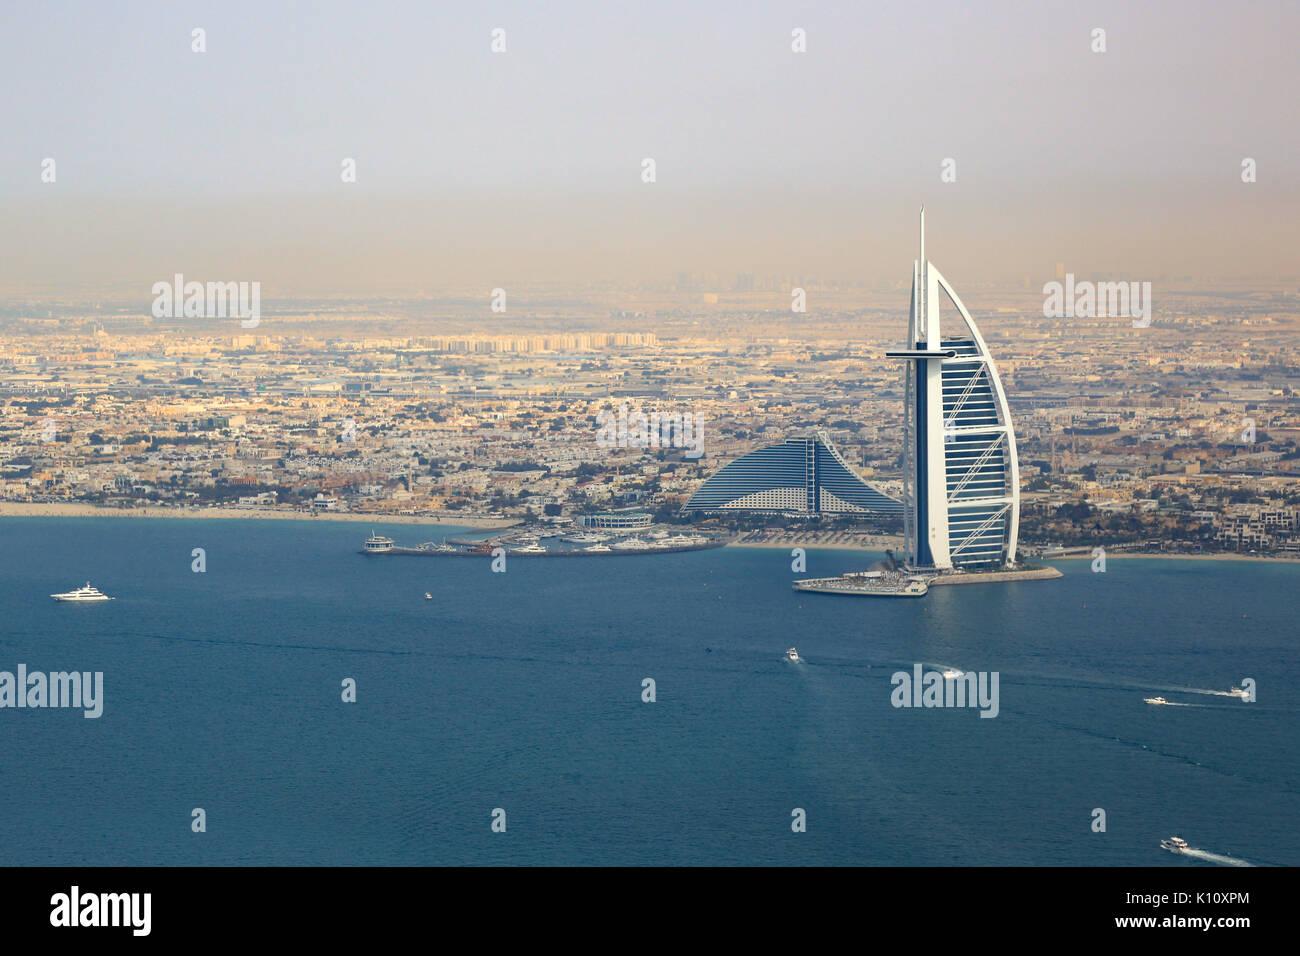 Burj al Arab Hotel Dubai spiaggia mare vista aerea fotografia emirati arabi uniti Immagini Stock